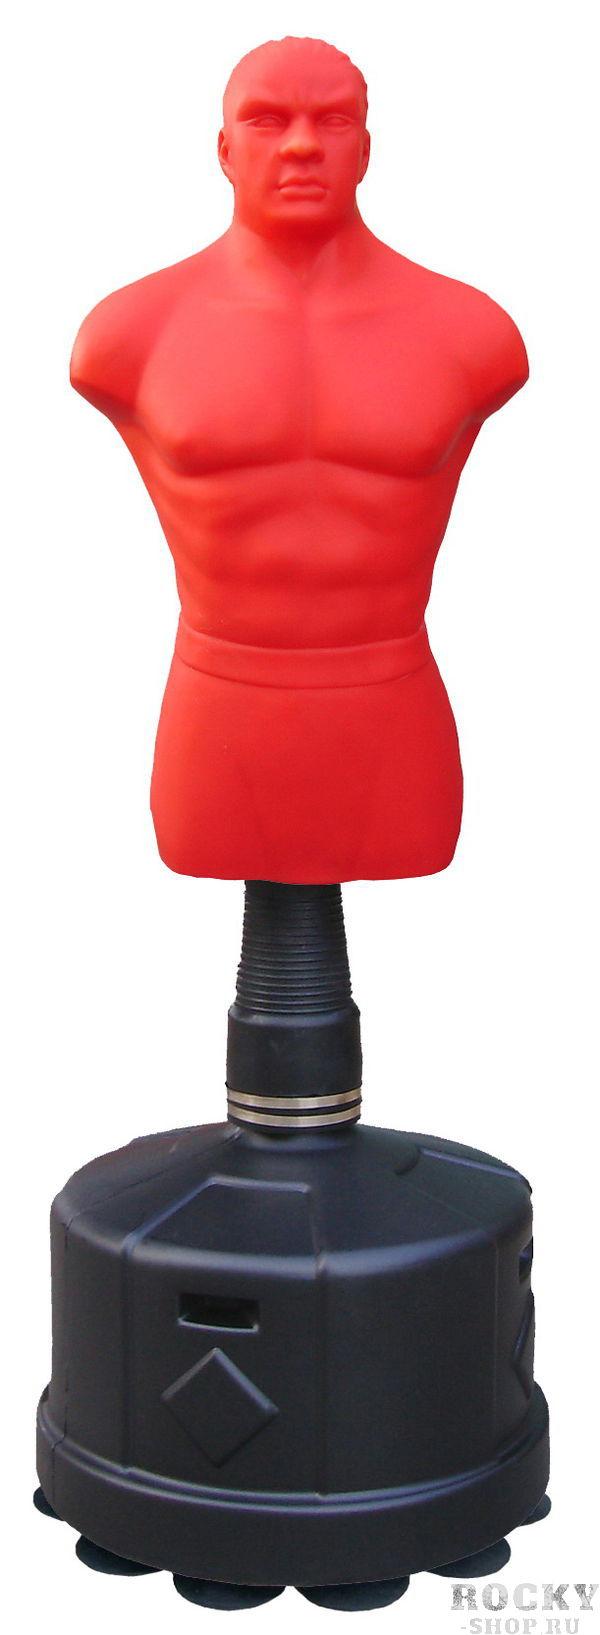 Купить Боксерский манекен водоналивной STATUS 166 Boxing 172-182 см (арт. 18308)